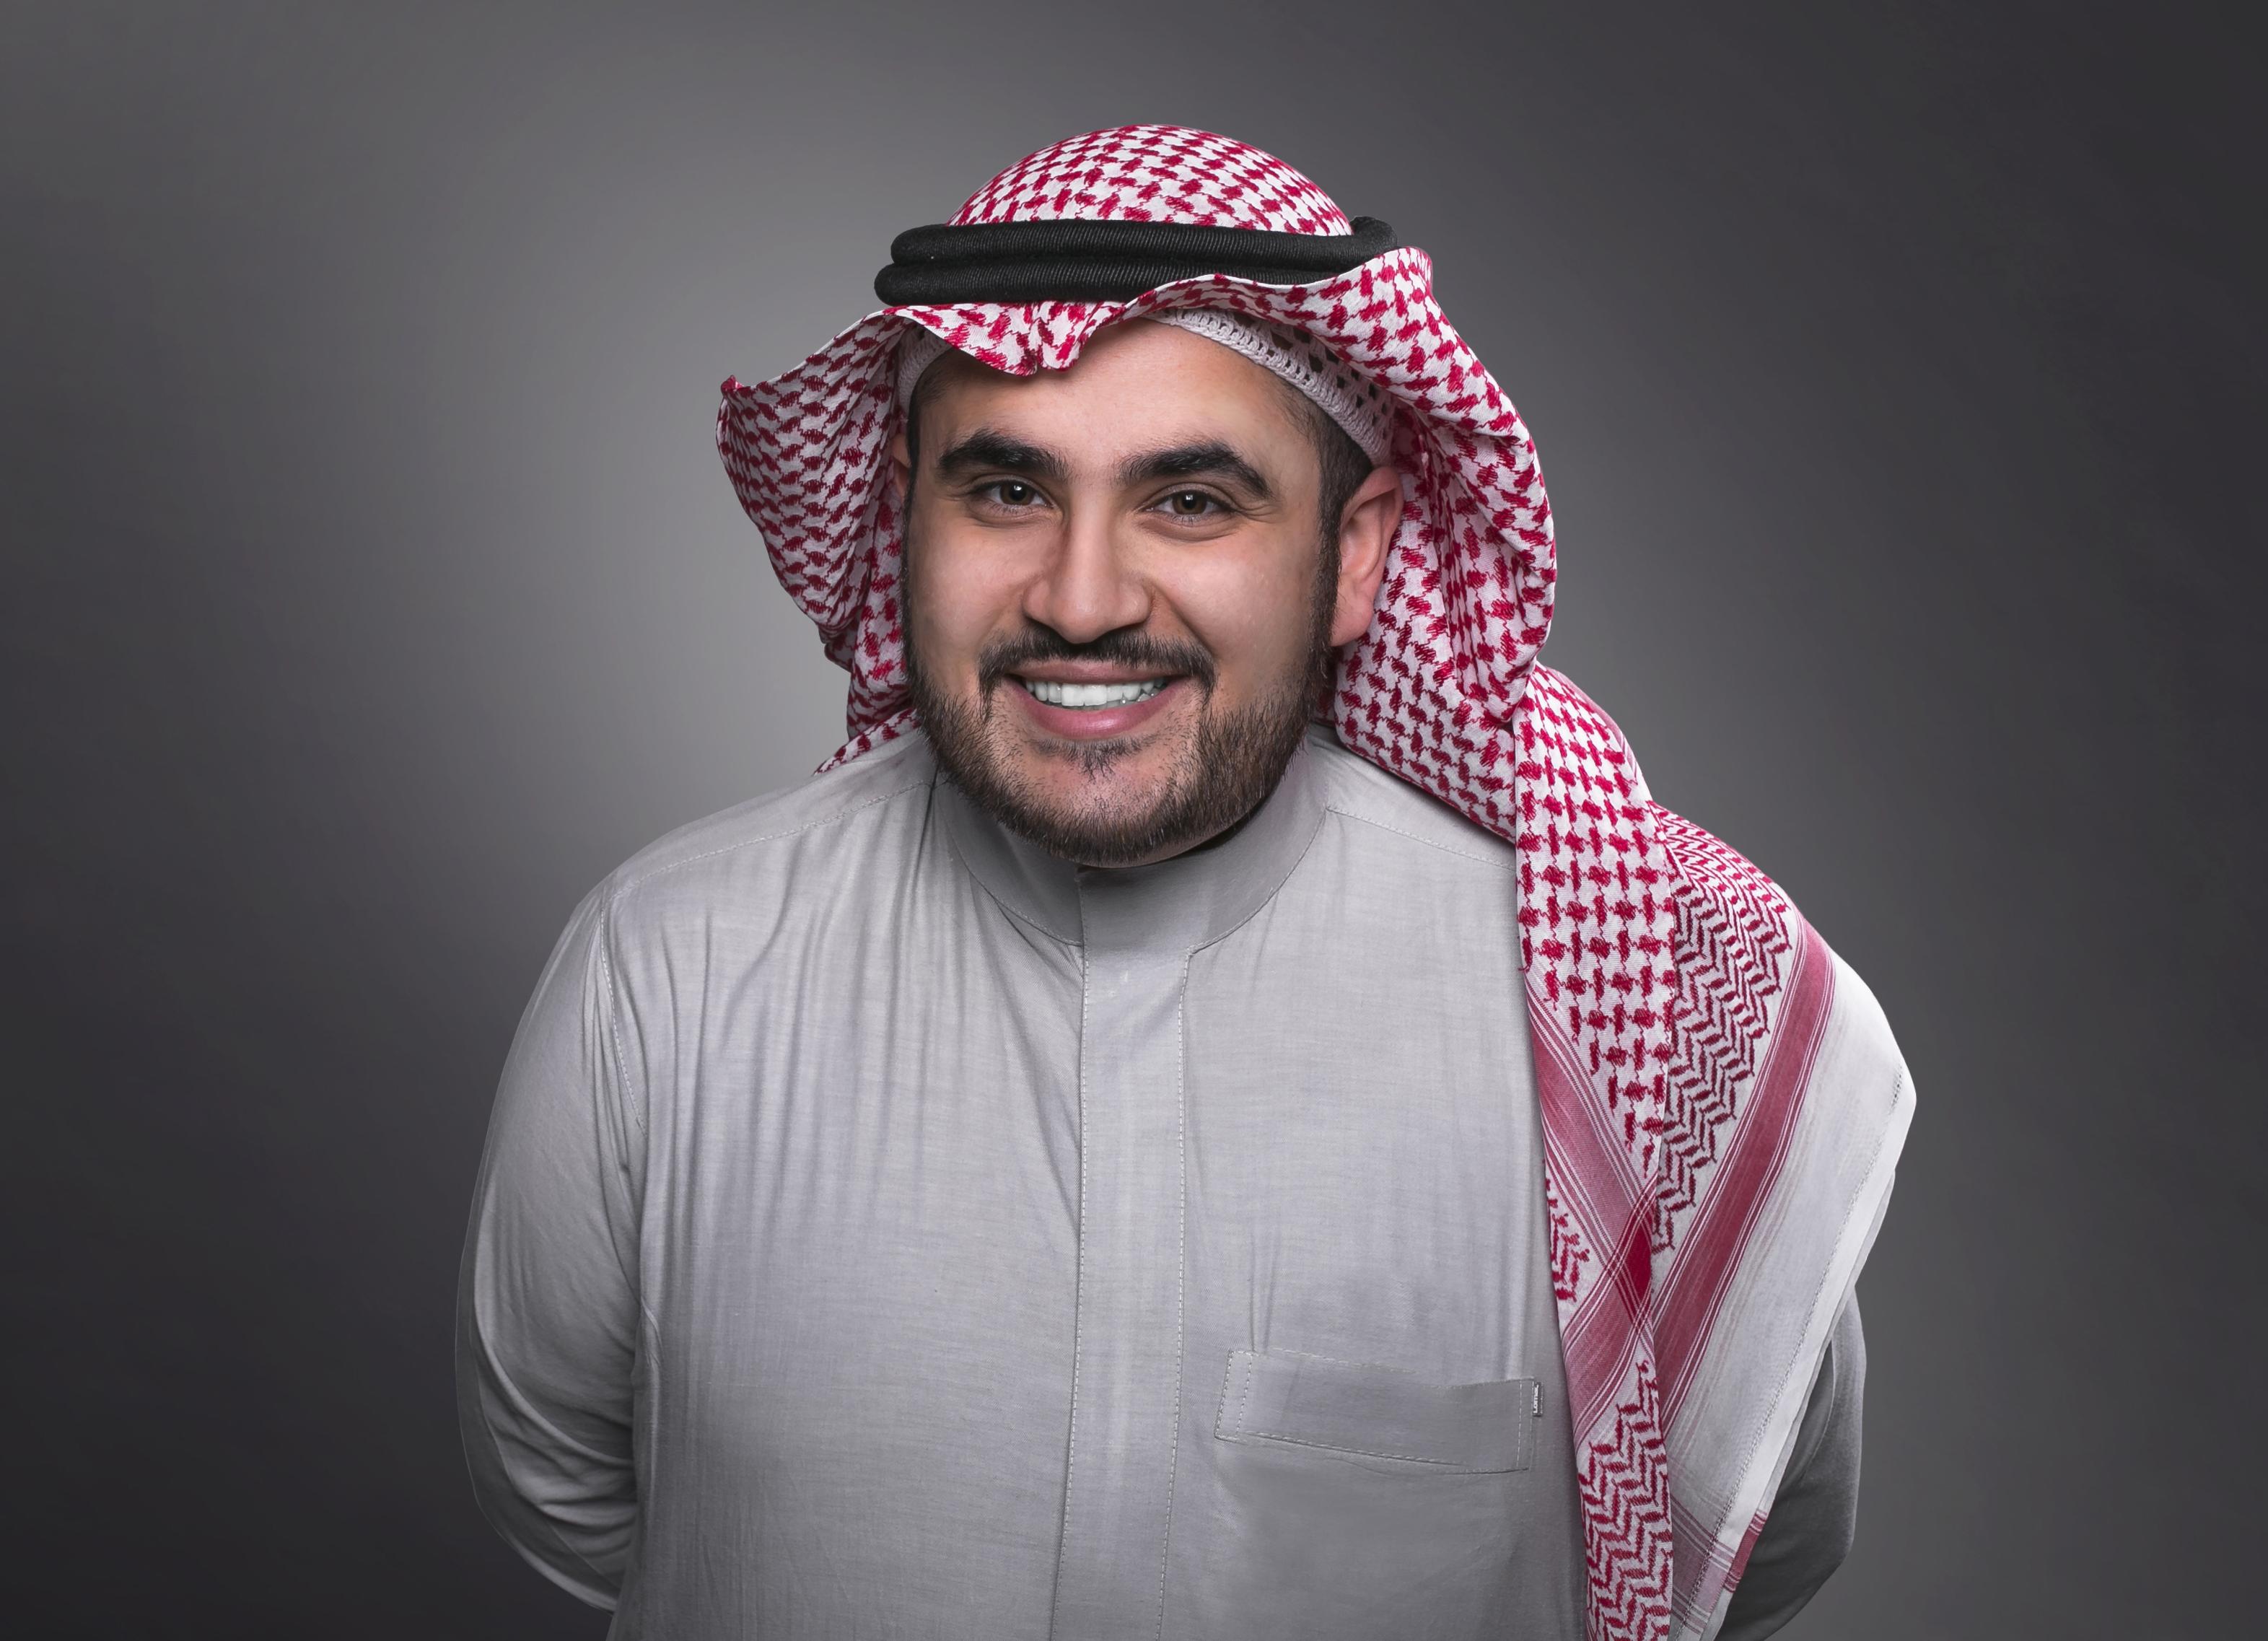 Saudi man photo